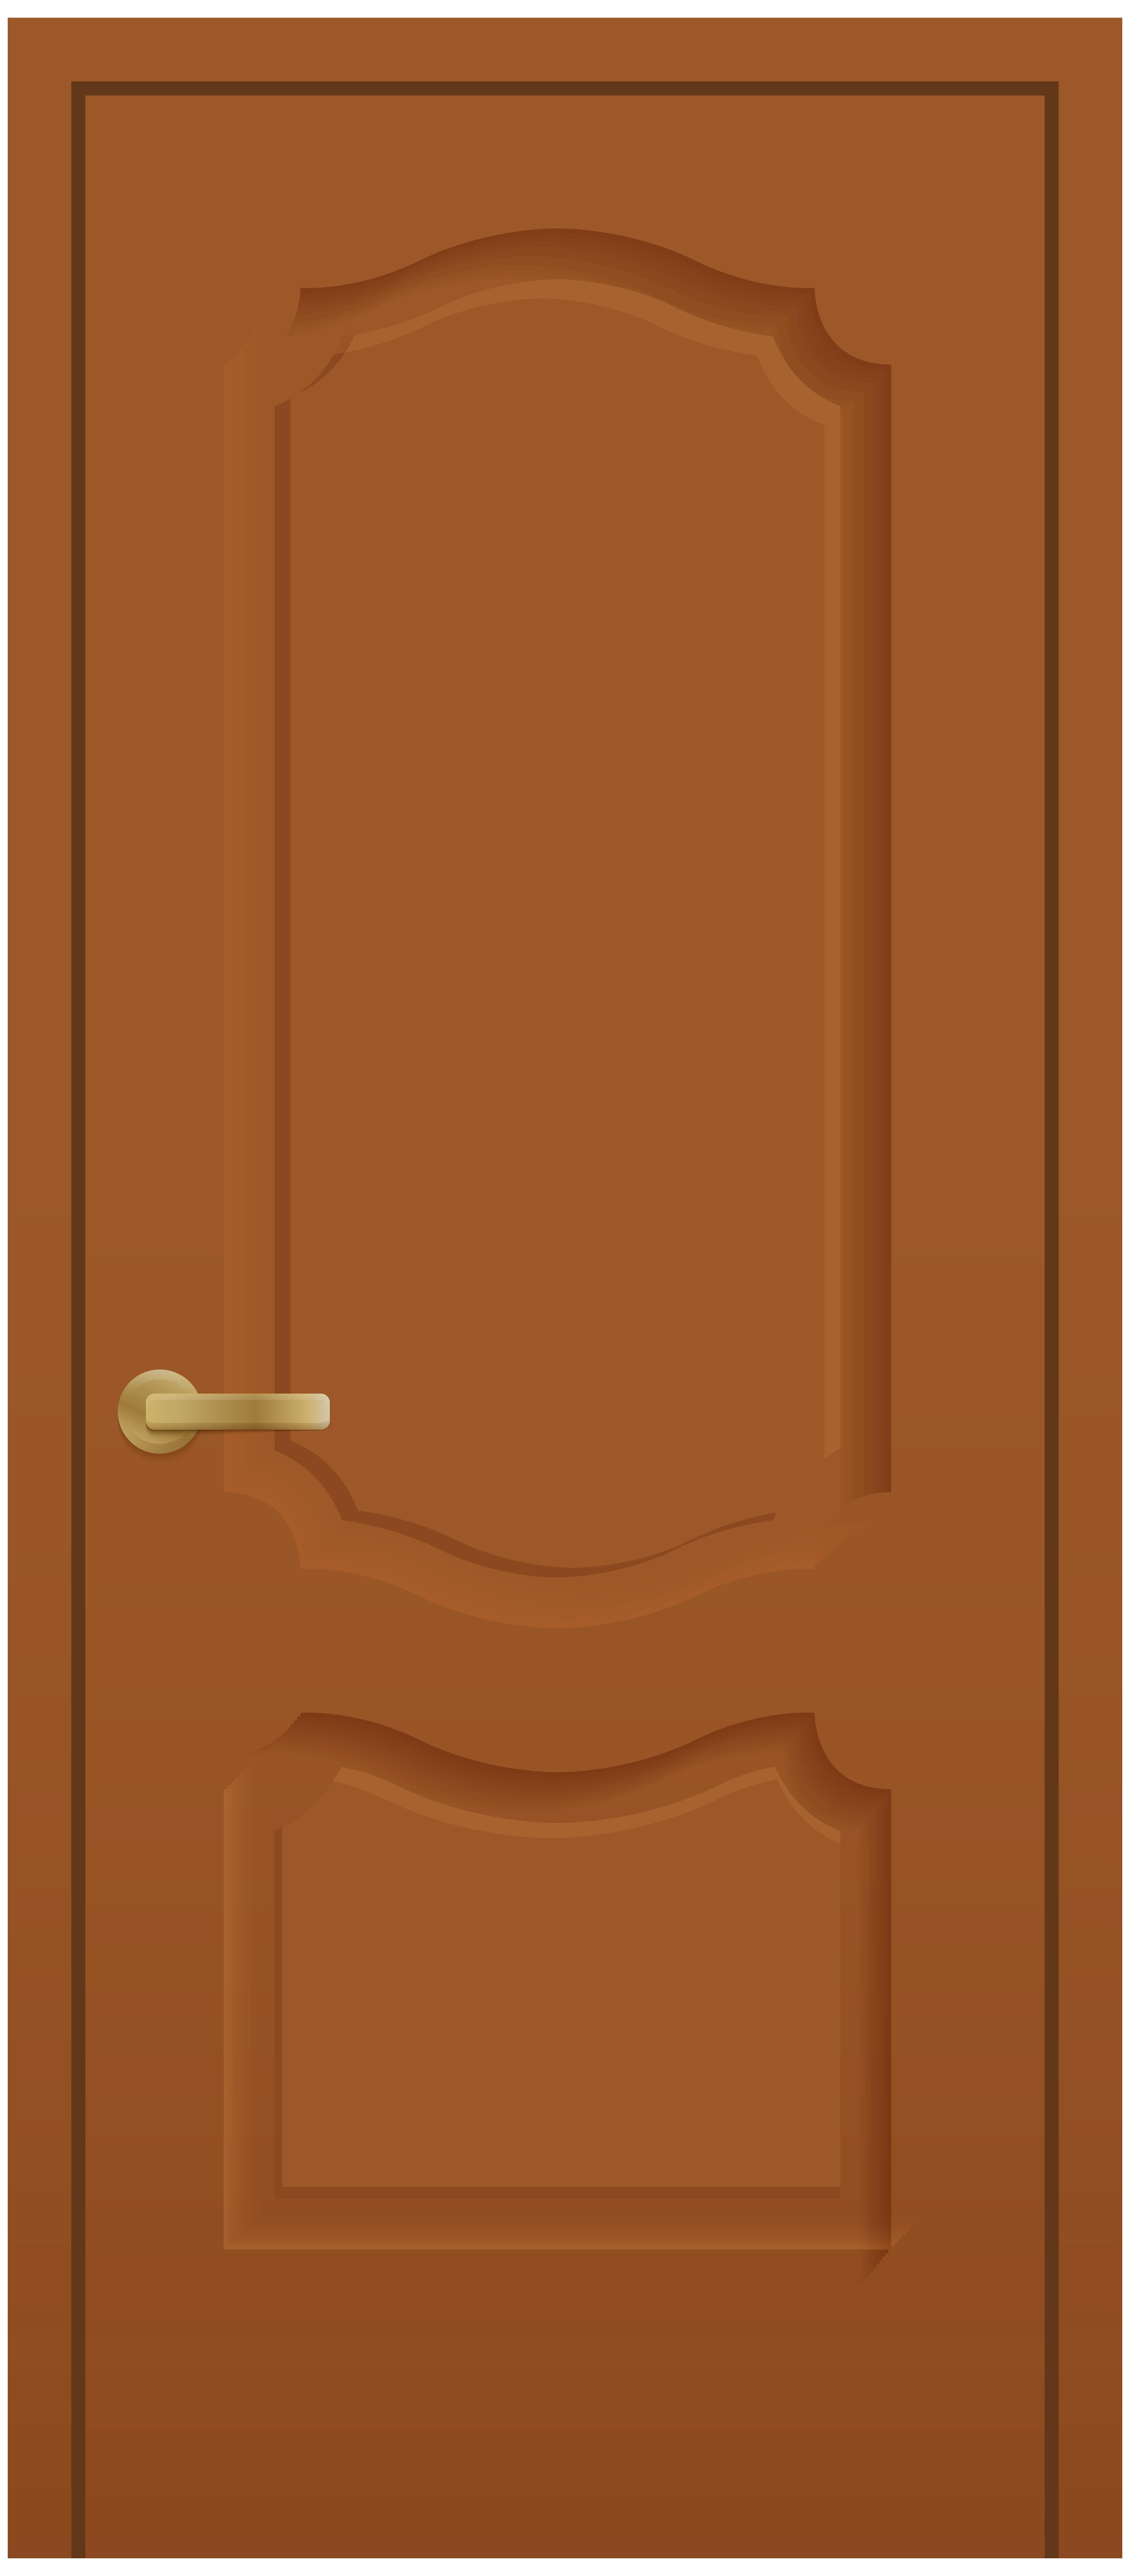 Door PNG Clipart.